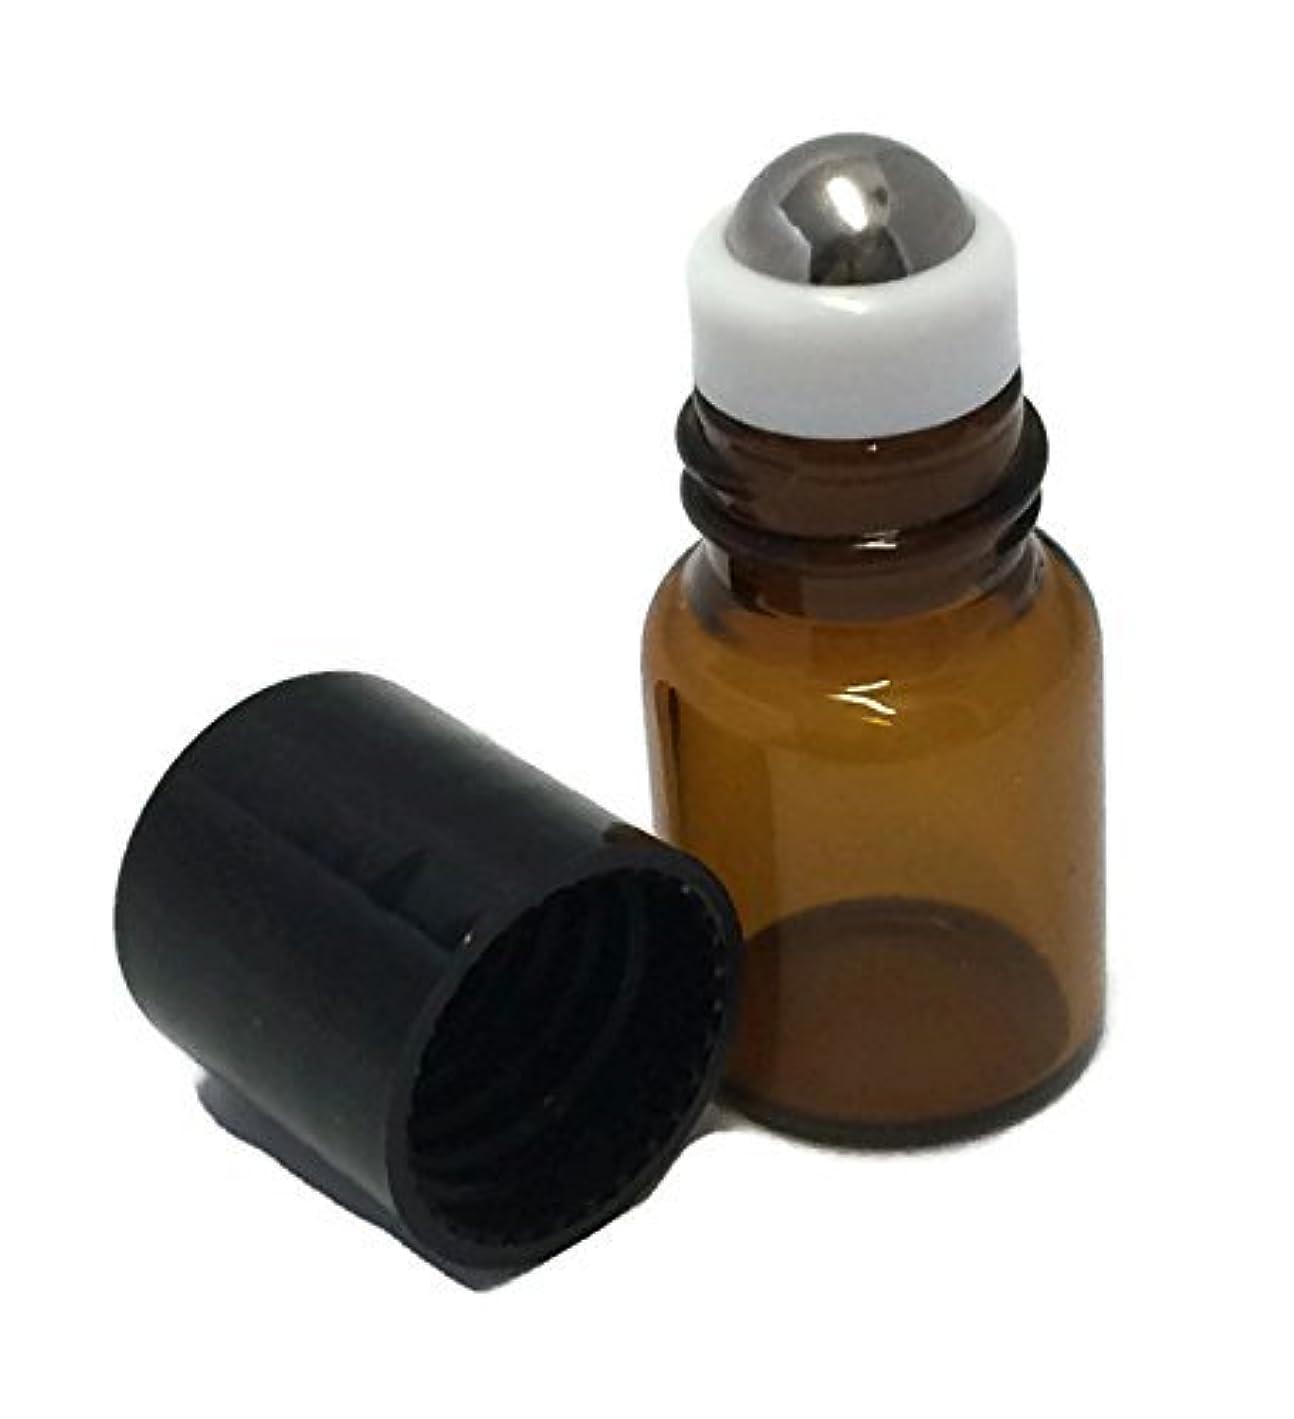 大きさアソシエイト満足できるUSA 144 Amber Glass 2 ml, 5/8 Dram Mini Roll-On Glass Bottles with Stainless Steel Roller Balls - Refillable Aromatherapy...